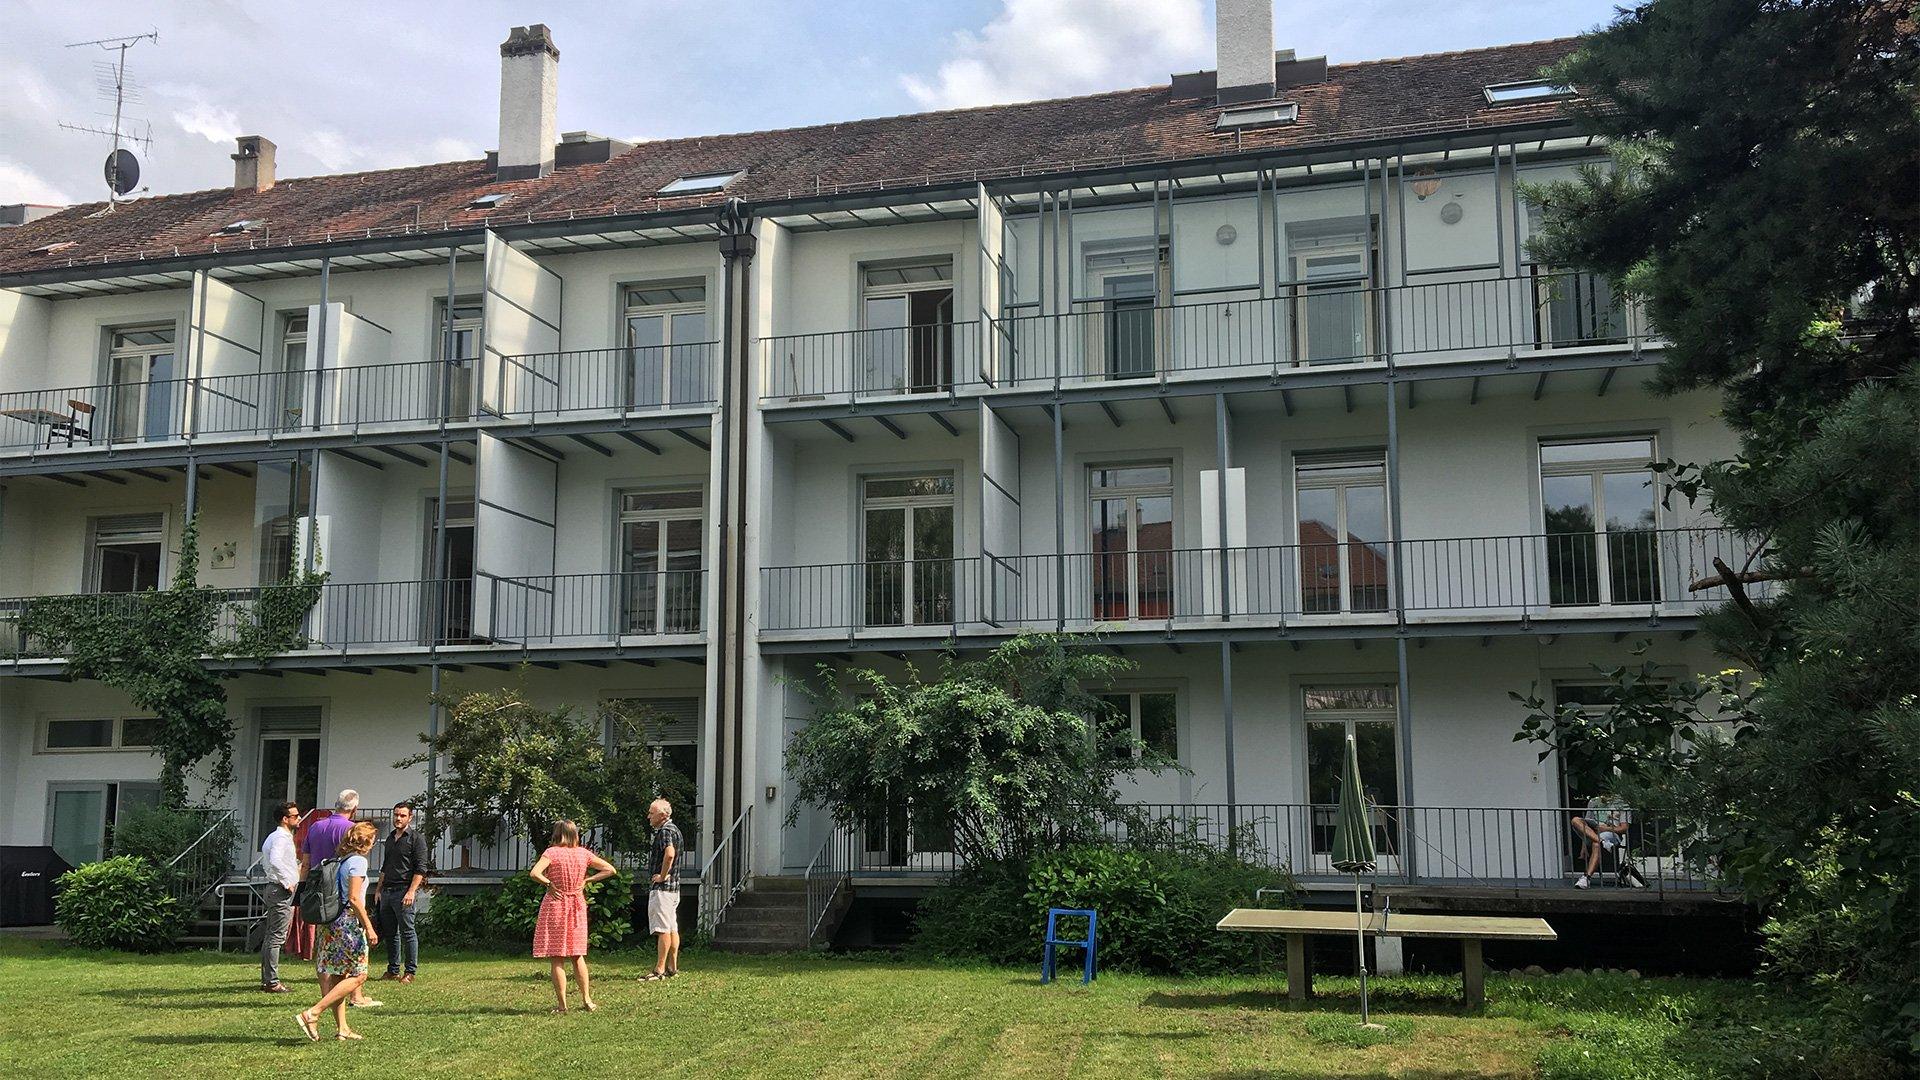 Ziegelhöfen-Gartenseite